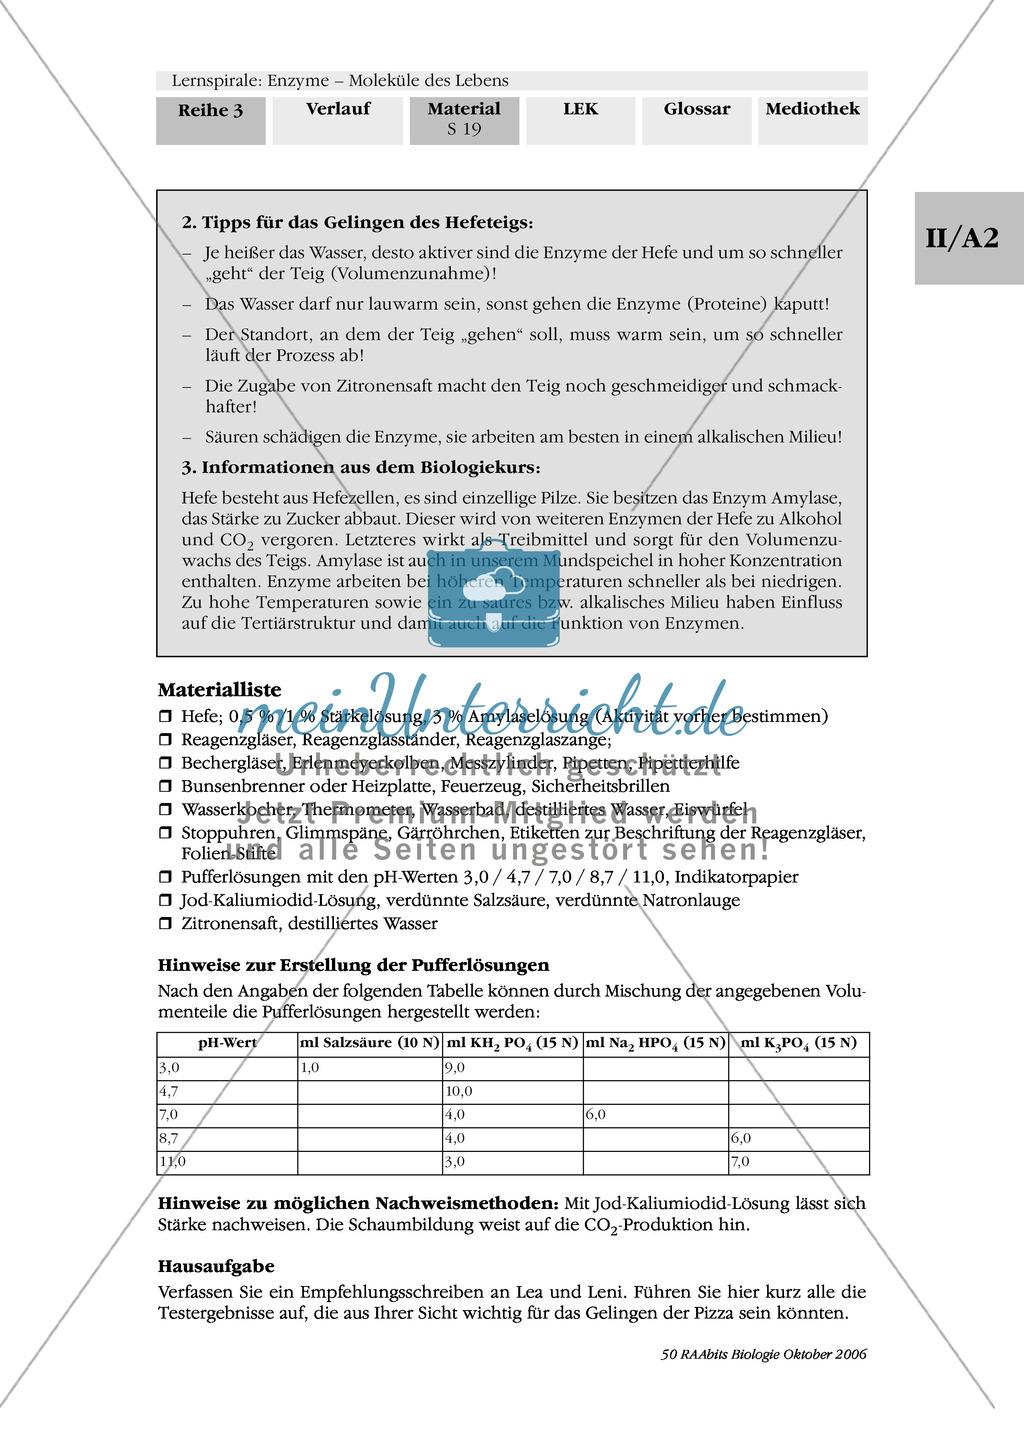 Enzyme: Arbeitsinseln zu den Themen Stoffwechsel, Enzymreaktionen, Hemmstoffe, Cofaktoren, Regulation Preview 12